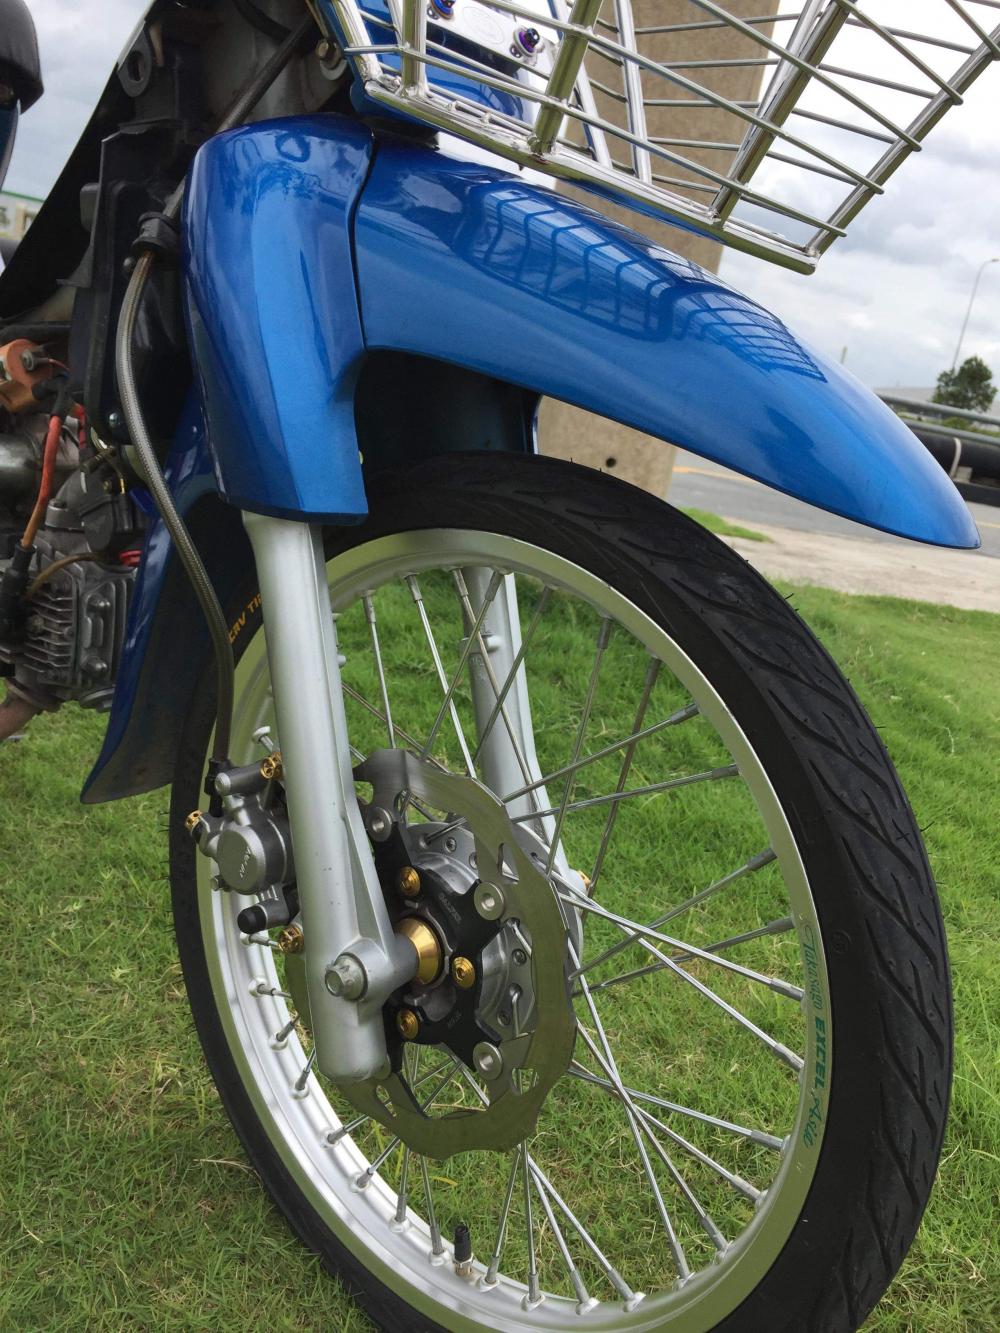 Ve Dep Hoai Co Den Tu Honda Wave Cua biker Tre Tuoi - 3